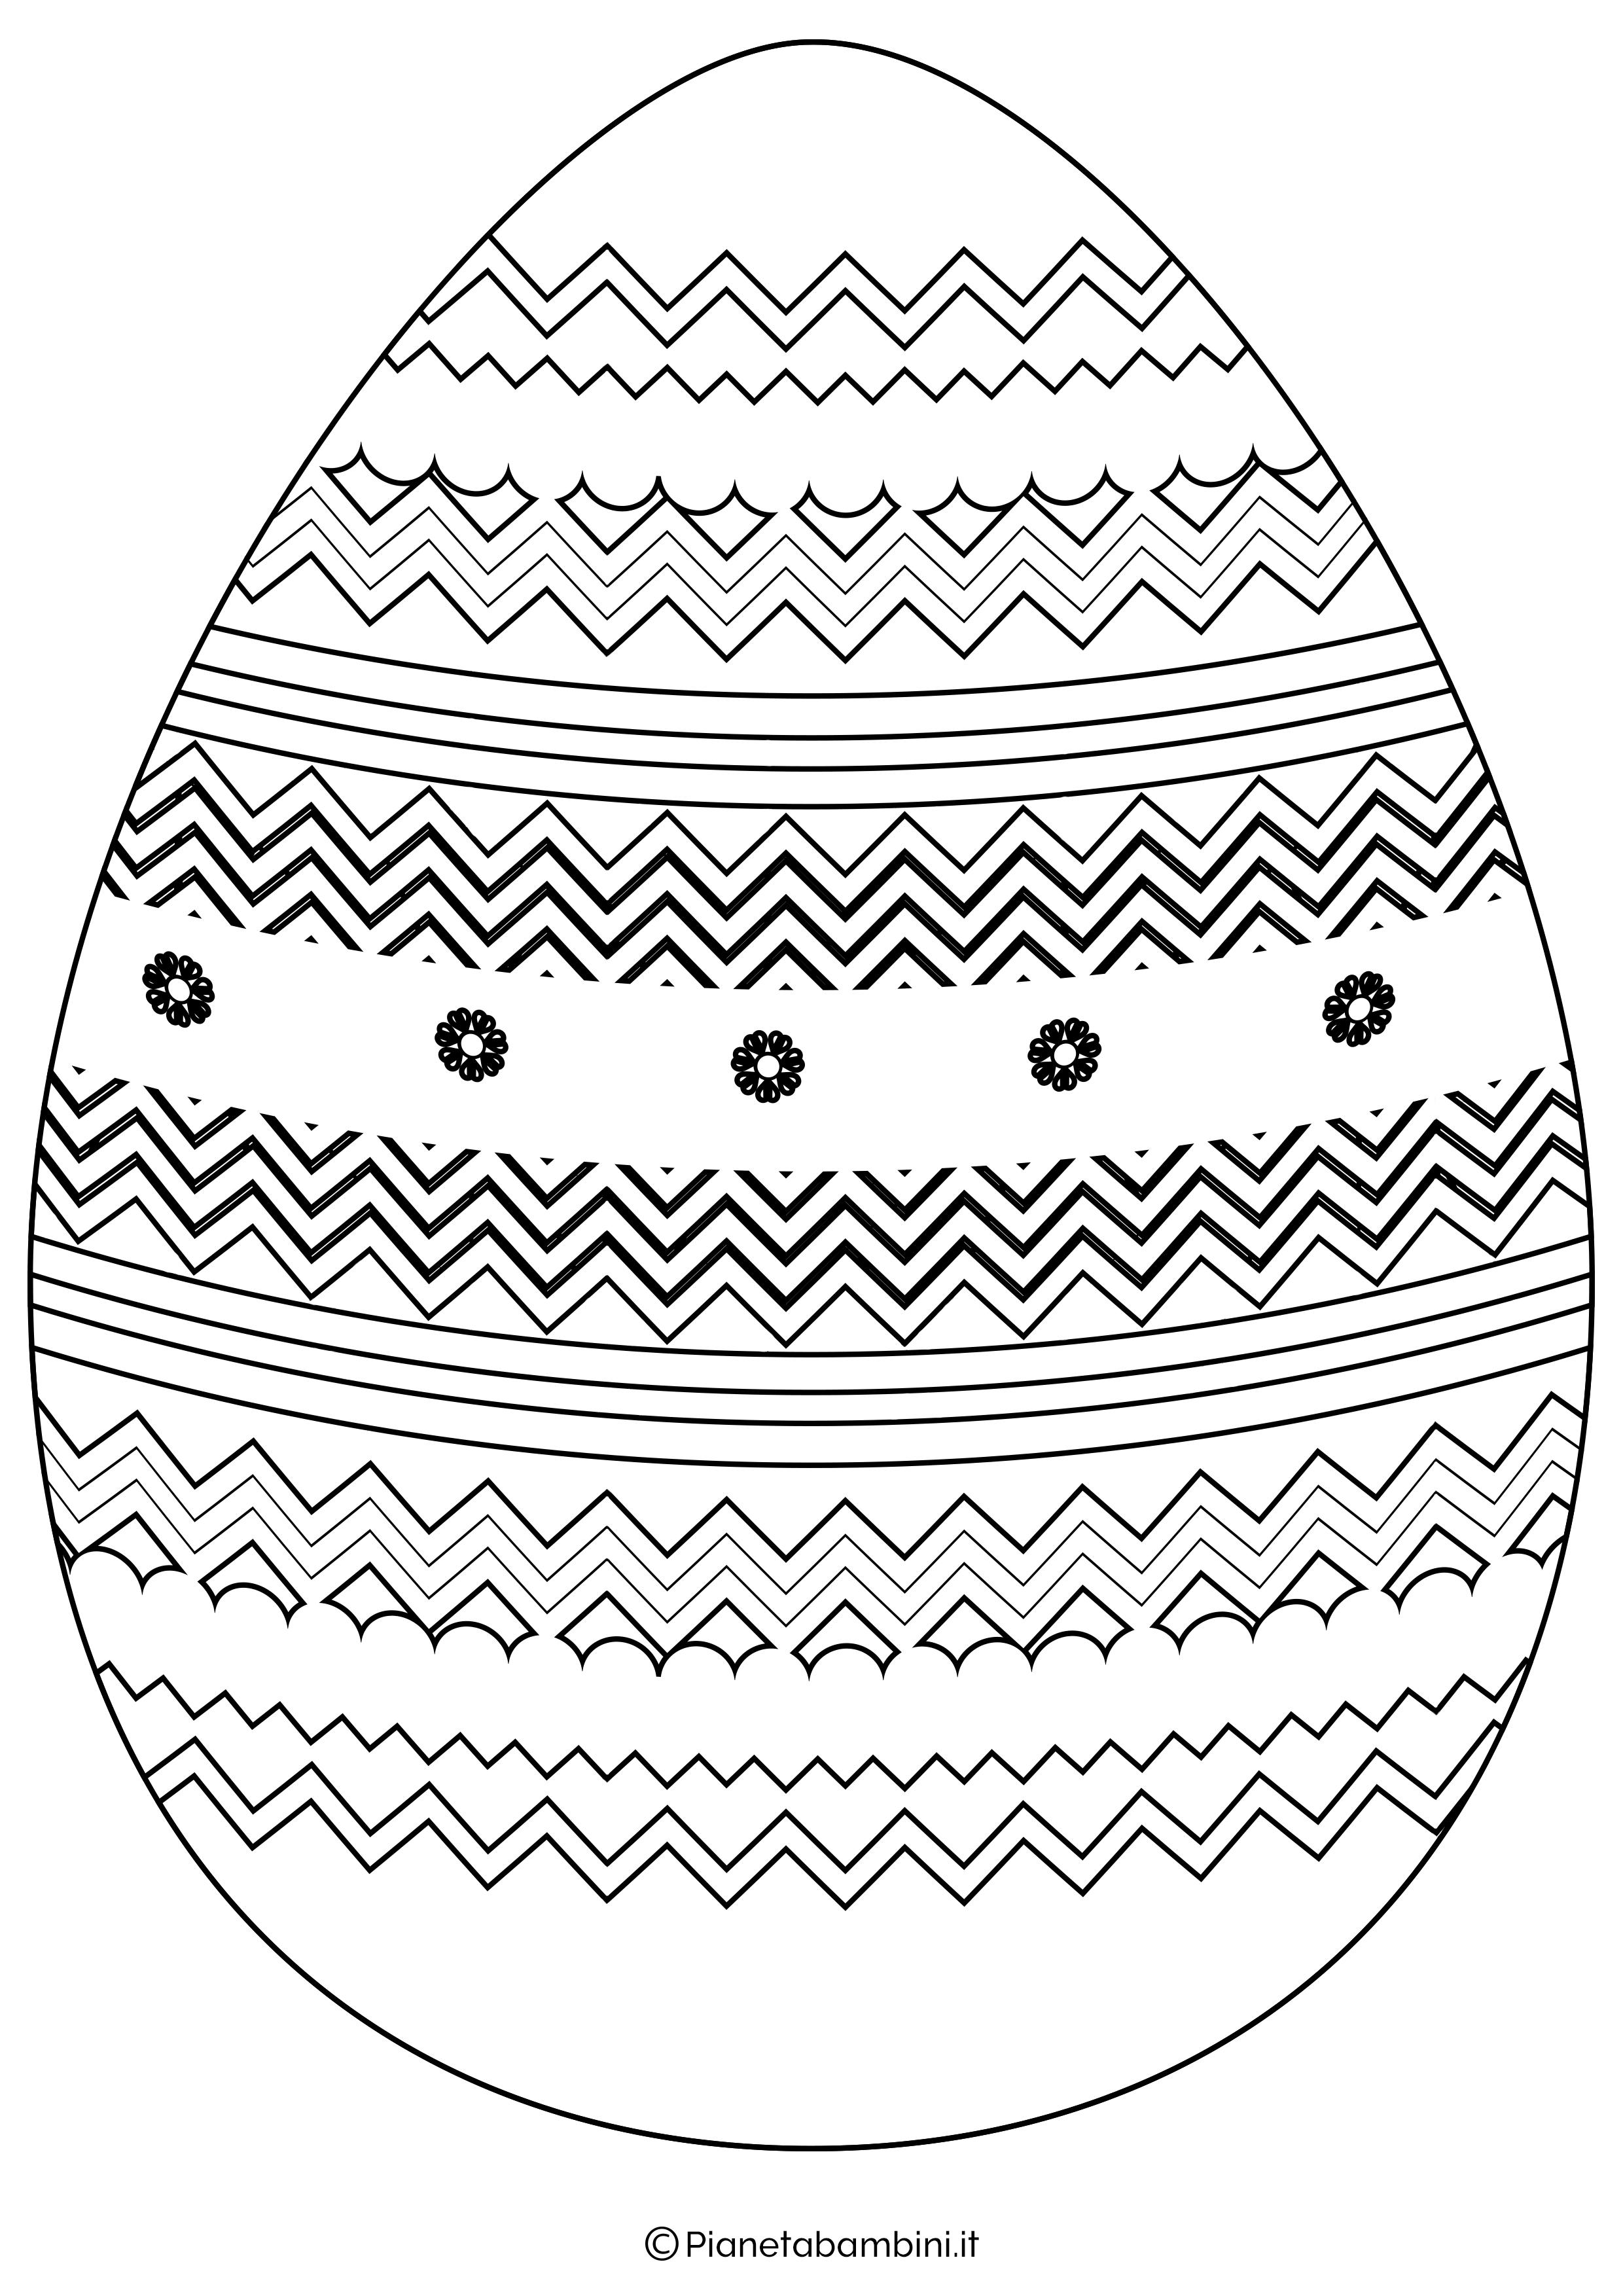 Disegno-Uova-Pasqua-05